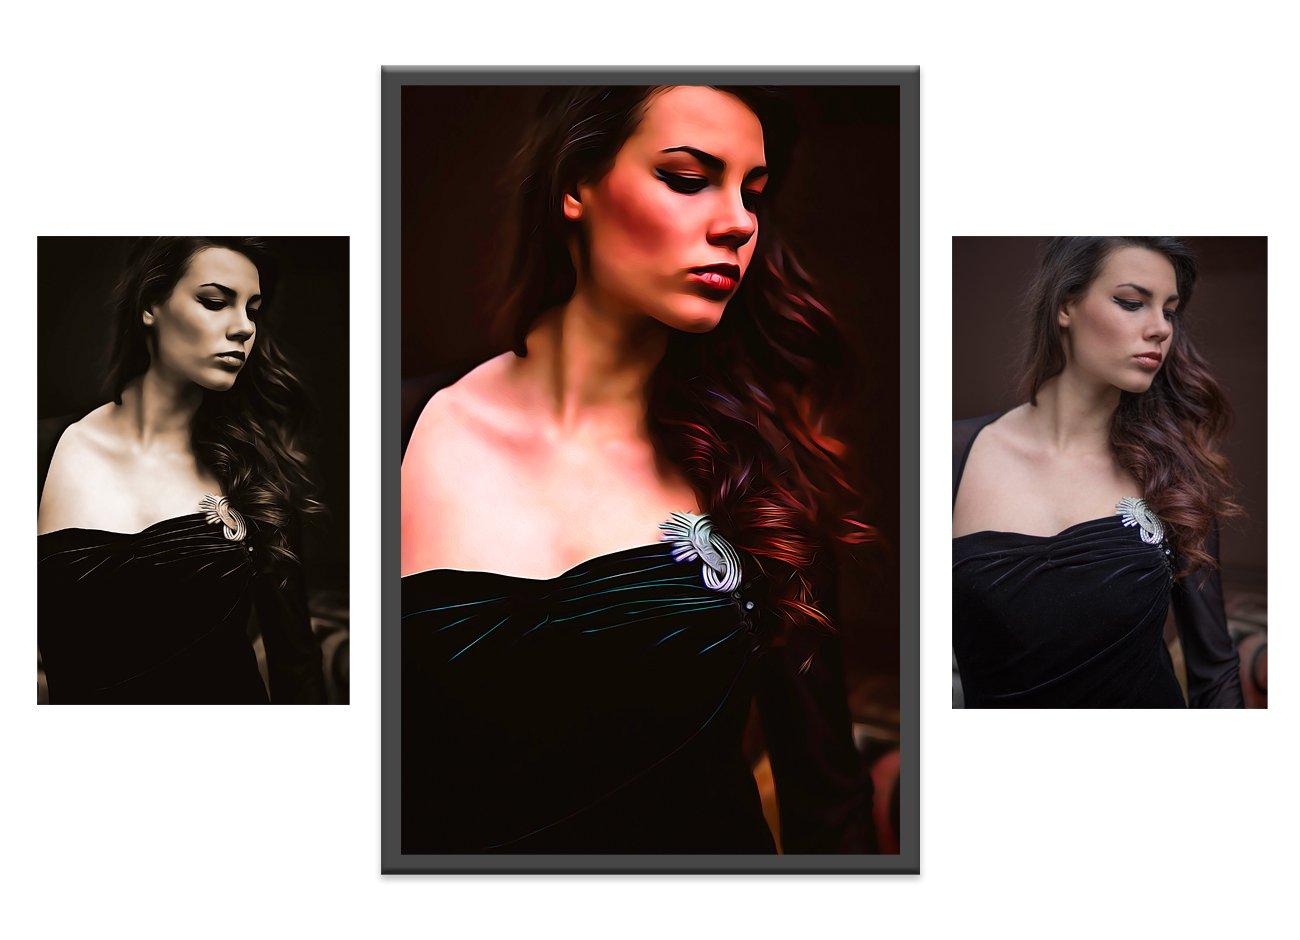 逼真油画效果照片处理特效PS动作模板素材 Pro Oil Art Photoshop Action插图6